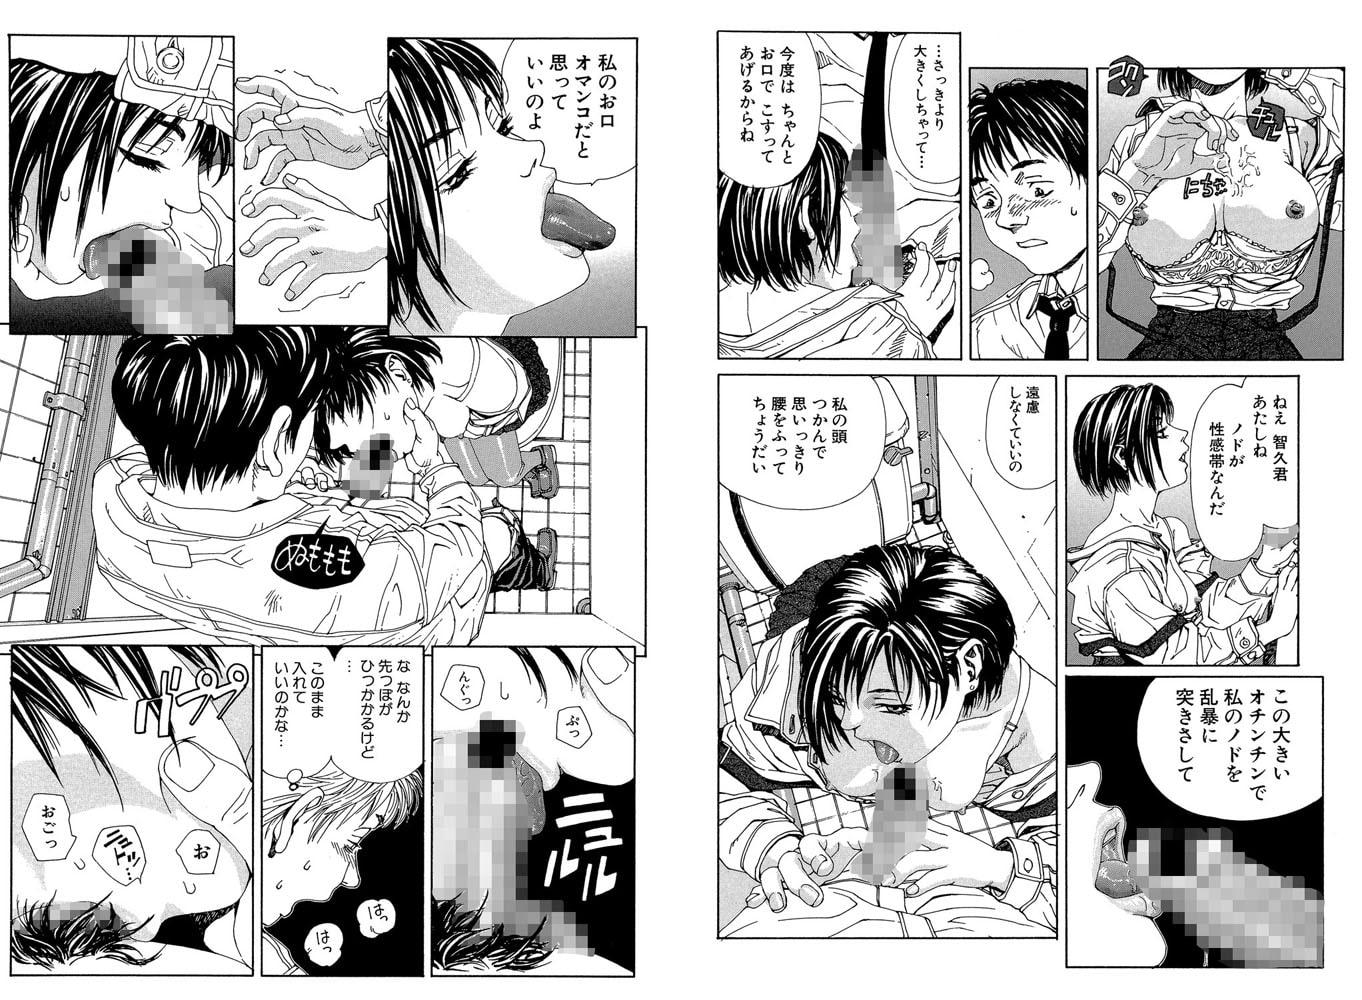 ストリンジェンド【1話体験版付き】